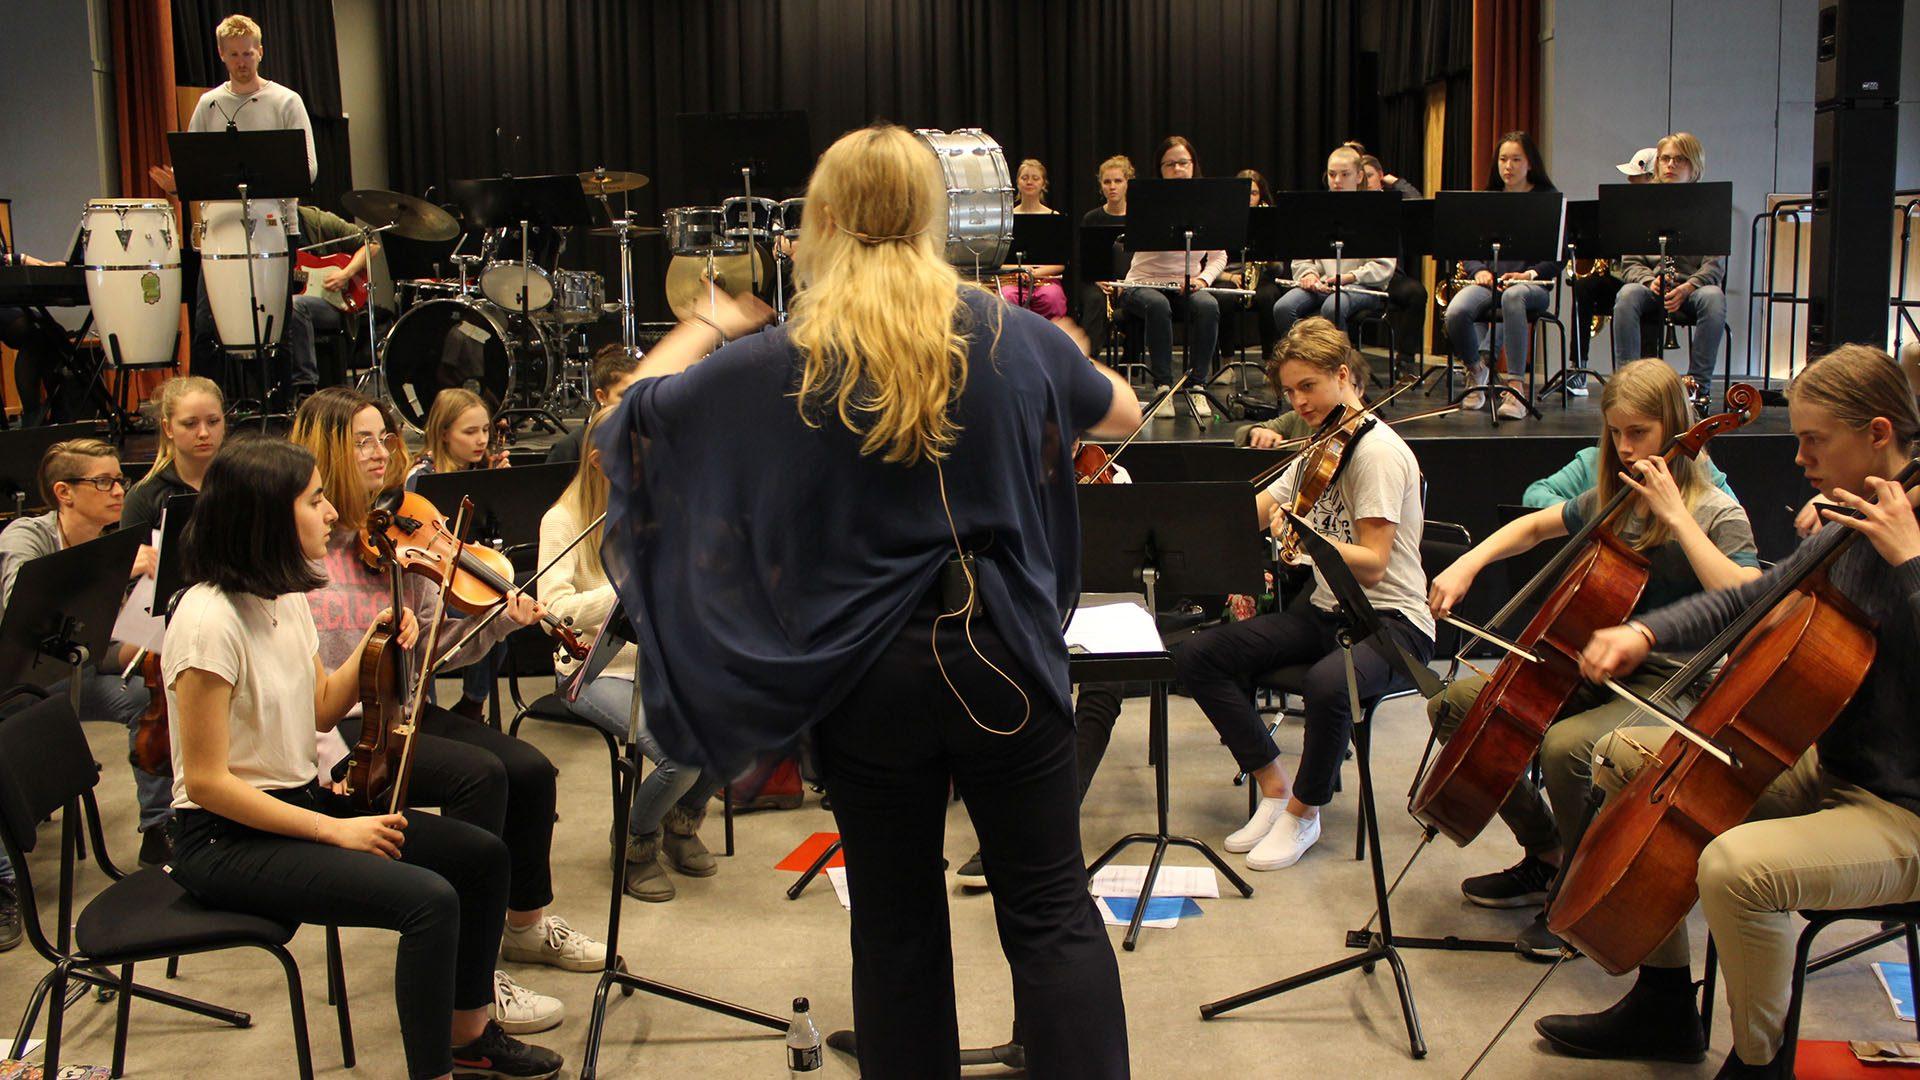 Elever från Kulturskolans orkester repeterar